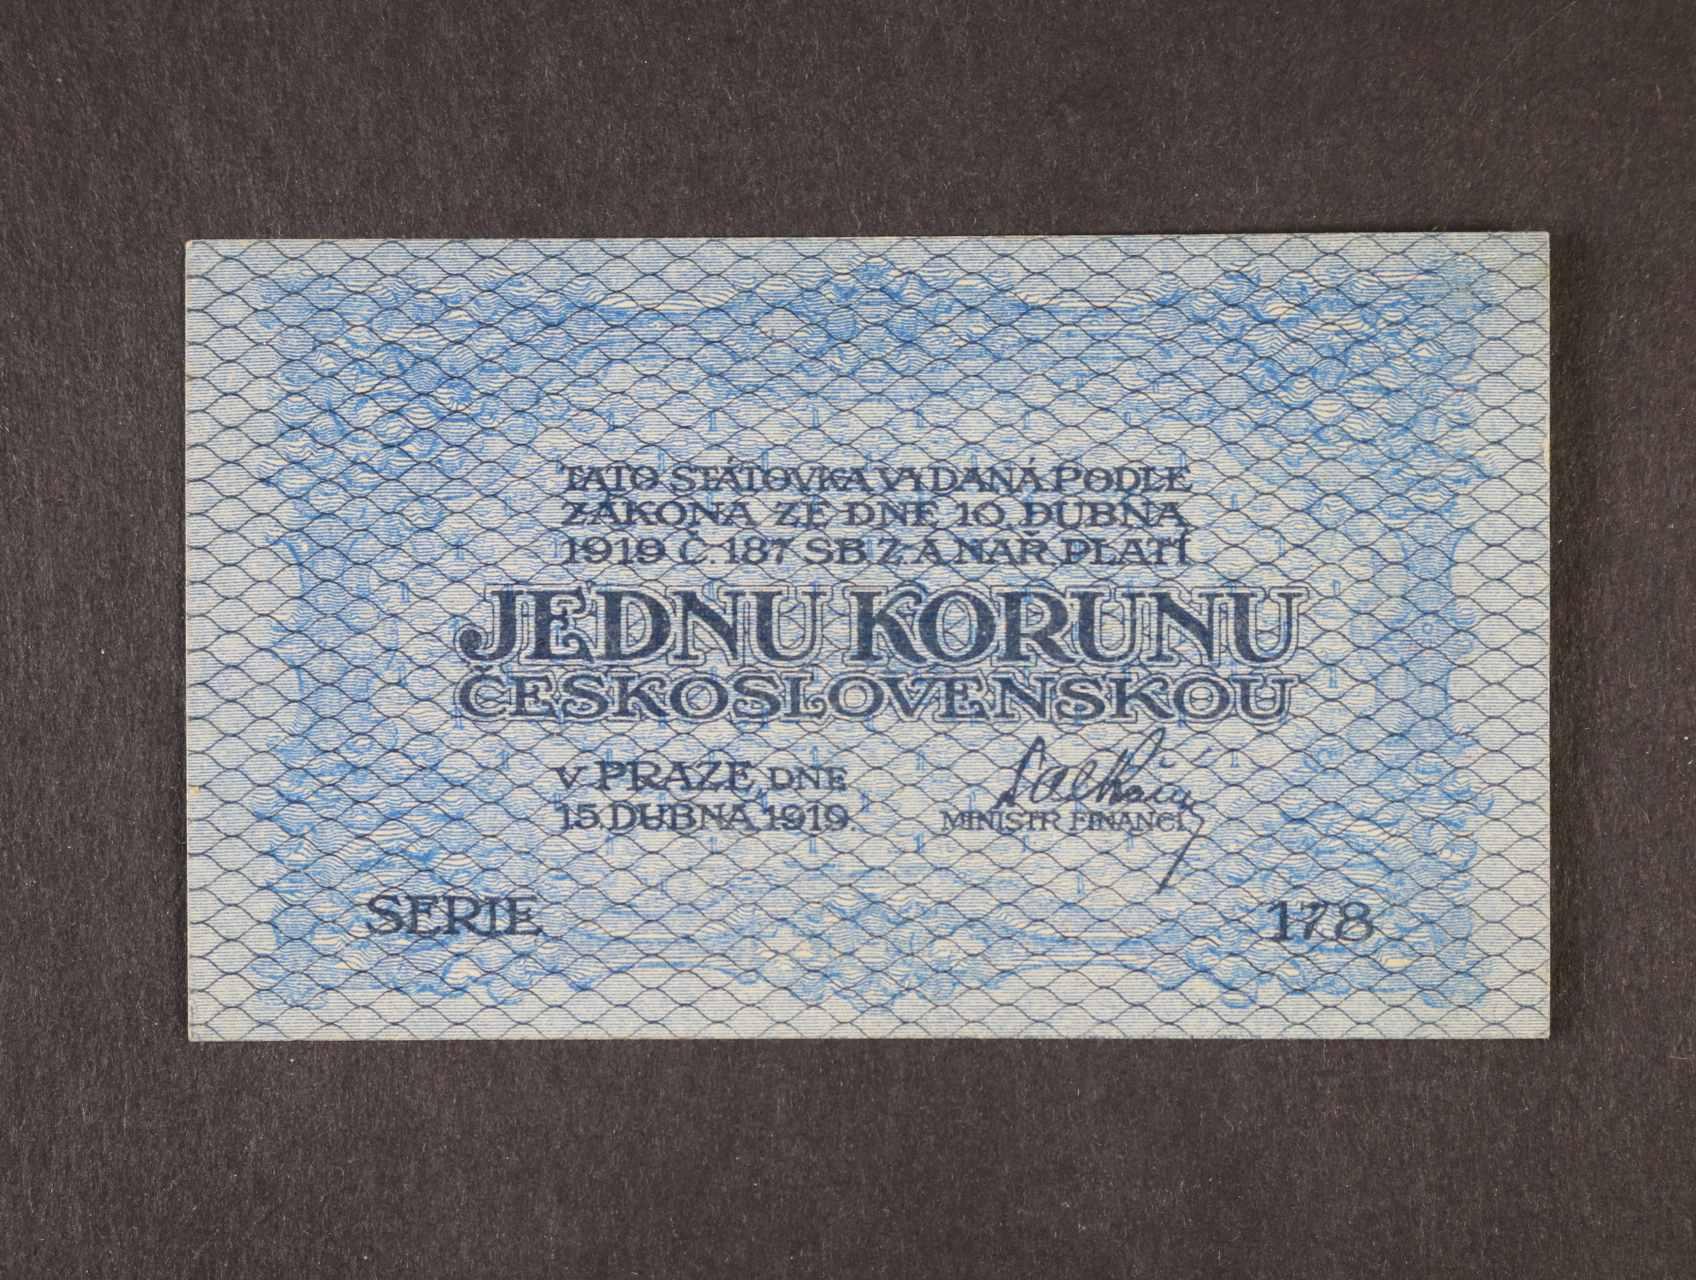 1 Kč 15.4.1919 série 178, modrá, Ba. 7, Pi. 6a